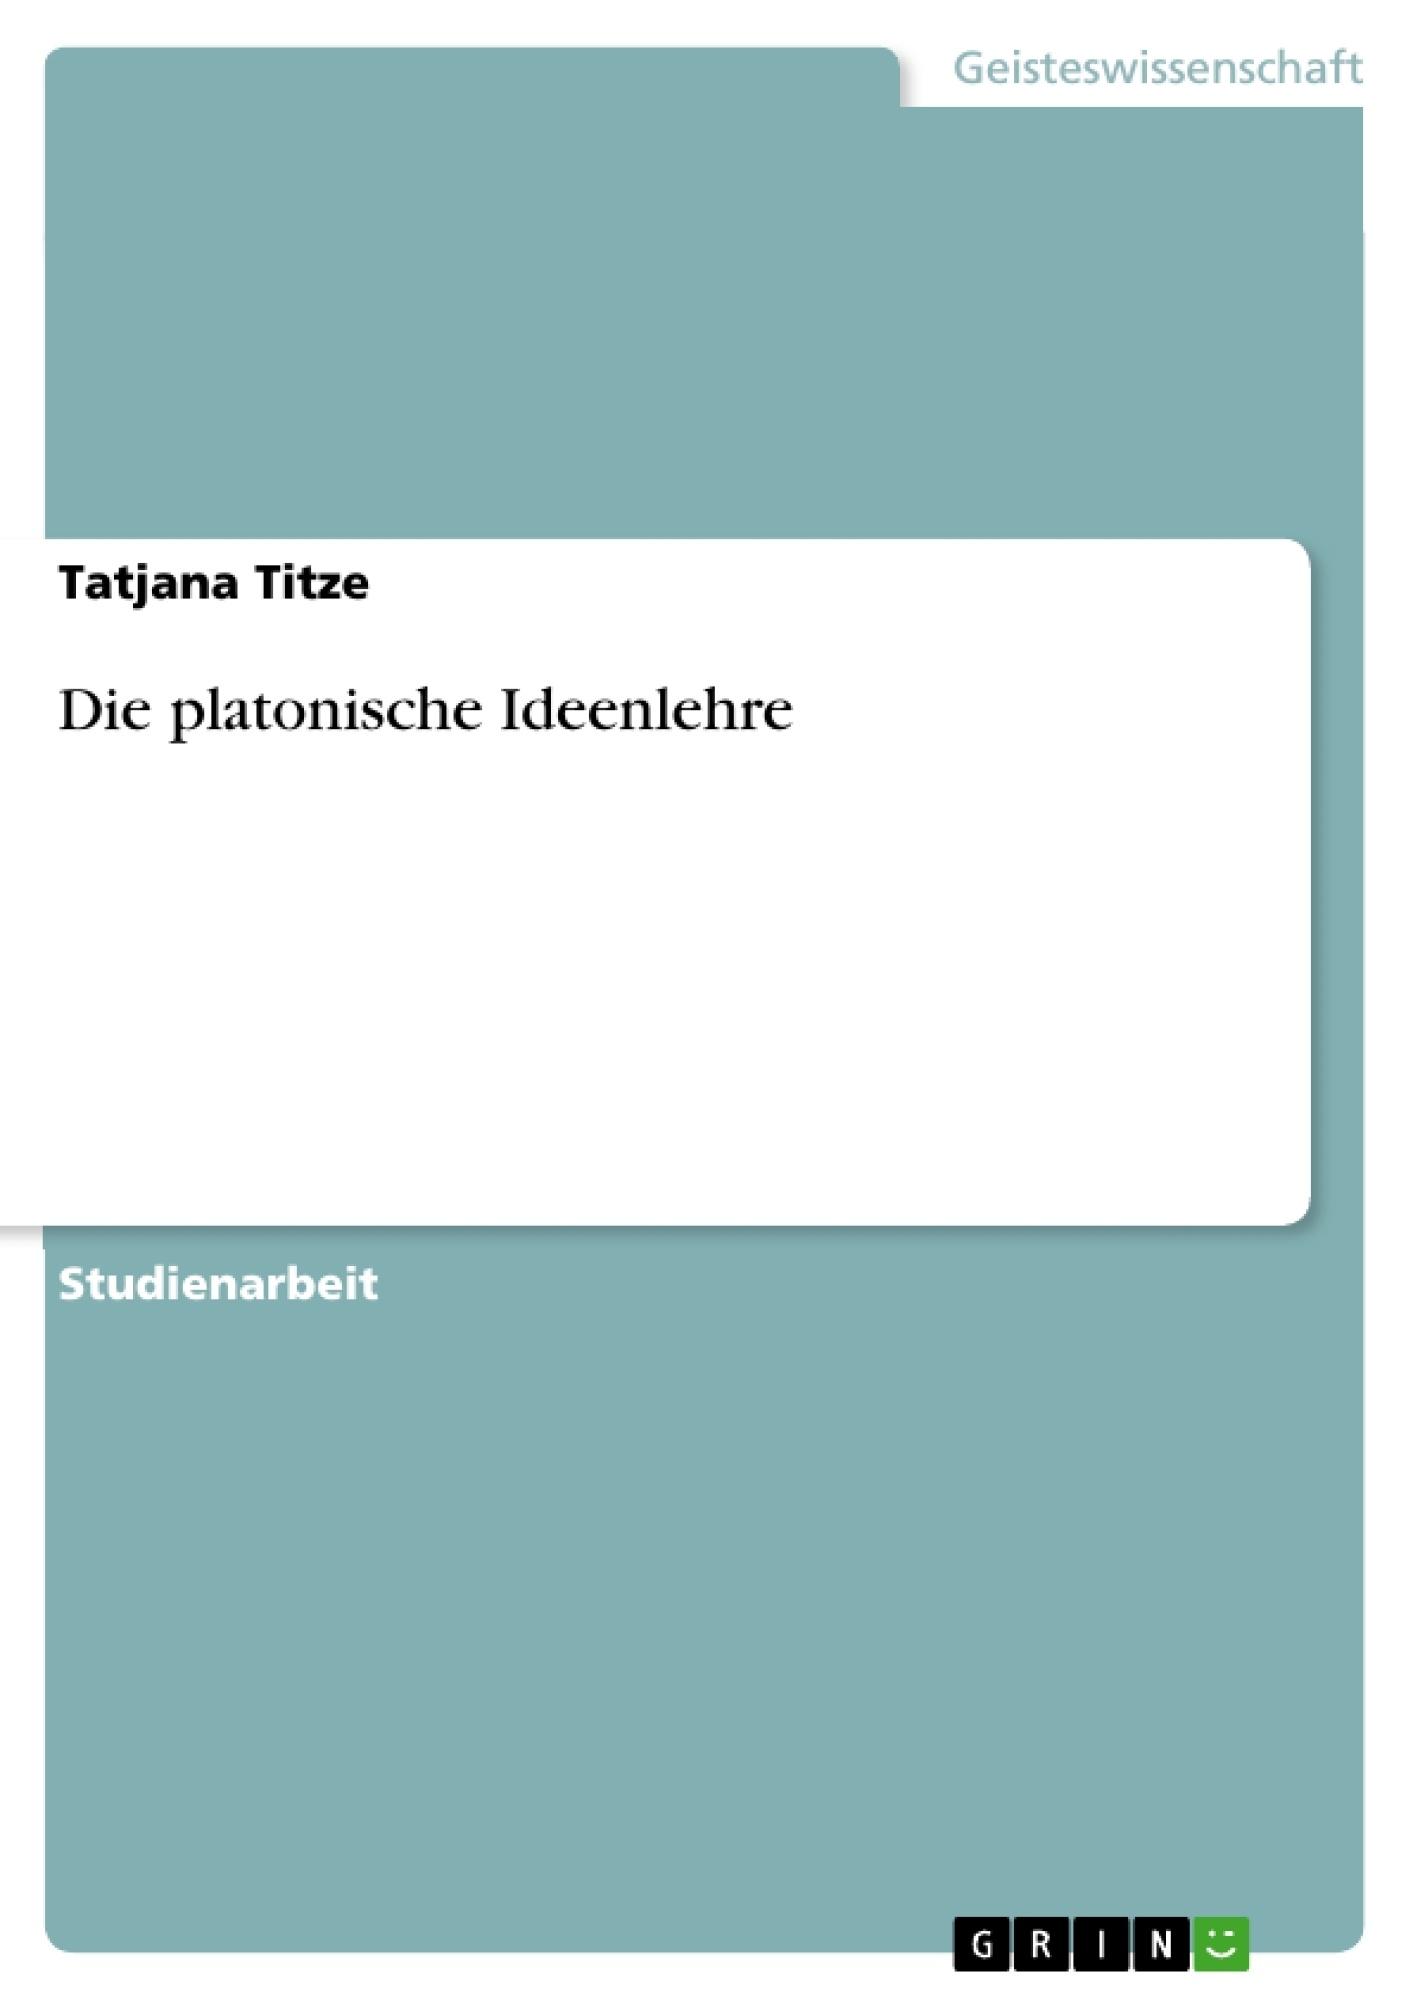 Titel: Die platonische Ideenlehre